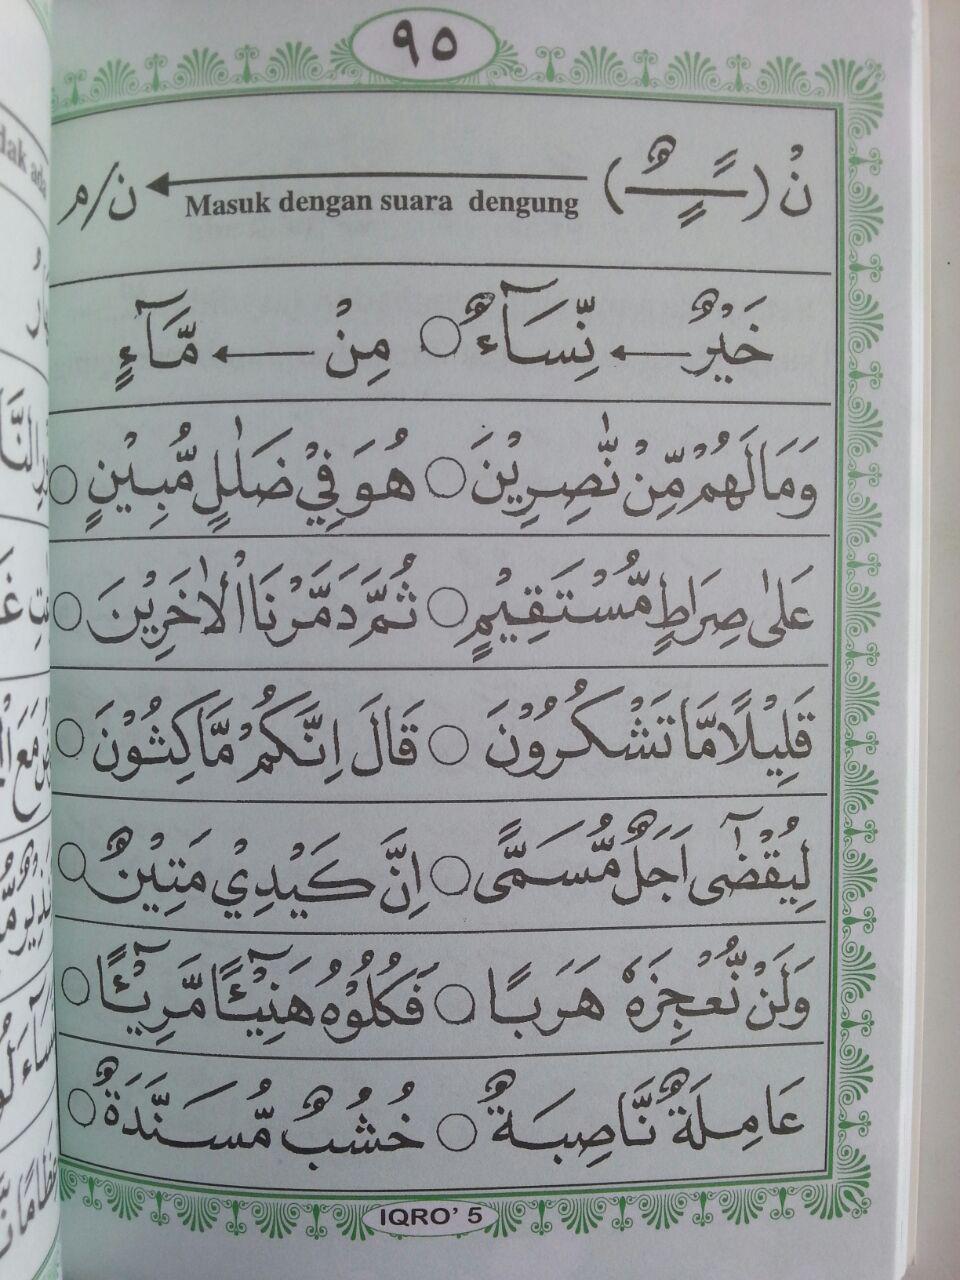 Buku Iqro Cara Cepat Belajar Membaca Al-Quran Plus Juz Amma Terjemah 2 Warna isi 3